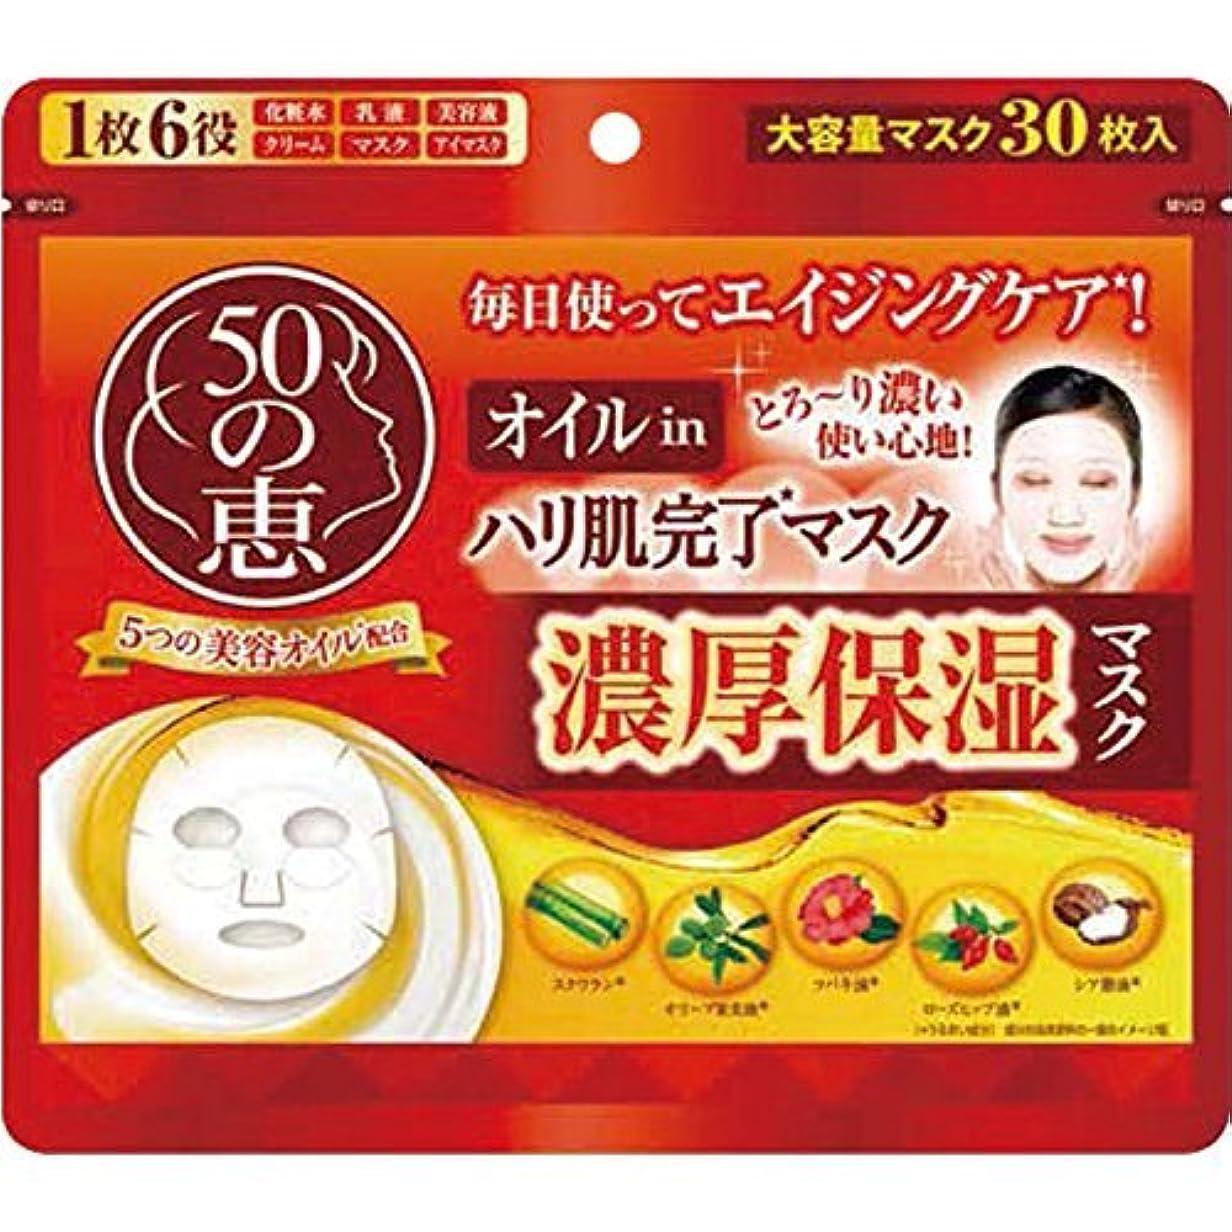 禁止絶妙タイプライター50の恵 オイルinハリ肌完了マスク × 12個セット